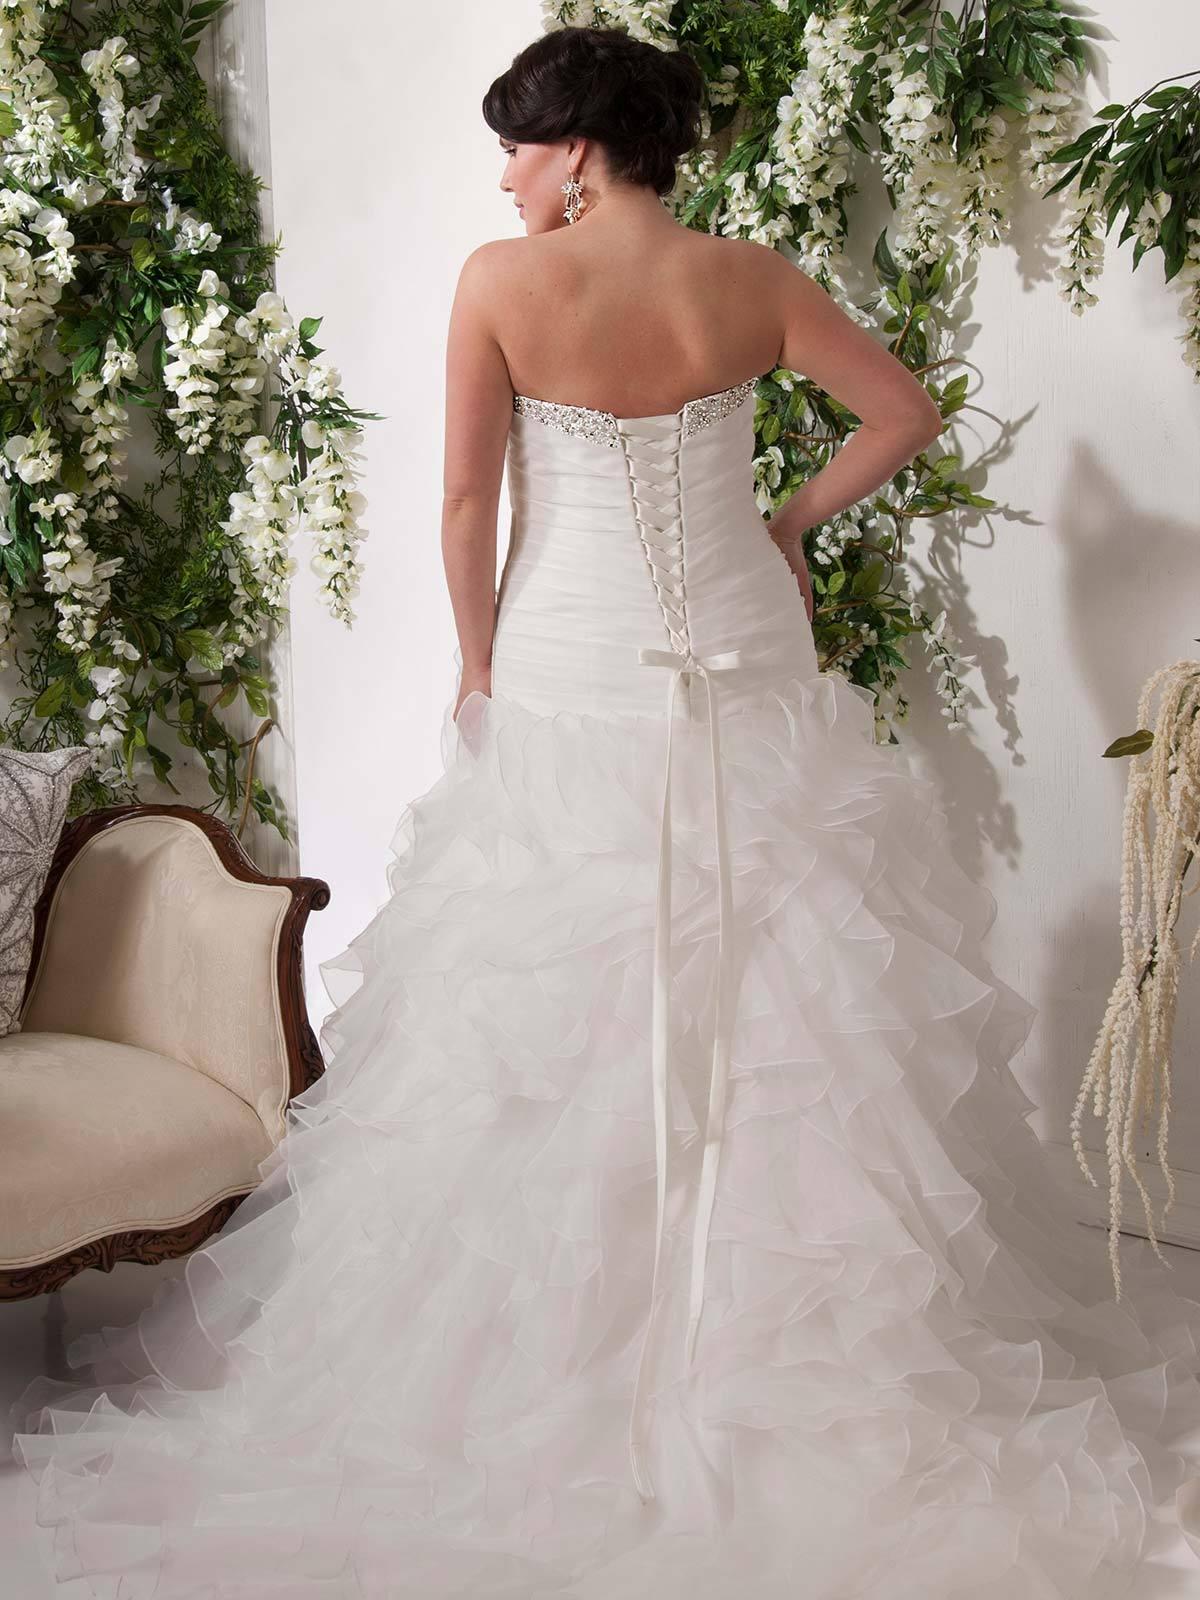 Brautkleid Hawaii von Callista auf Ja.de